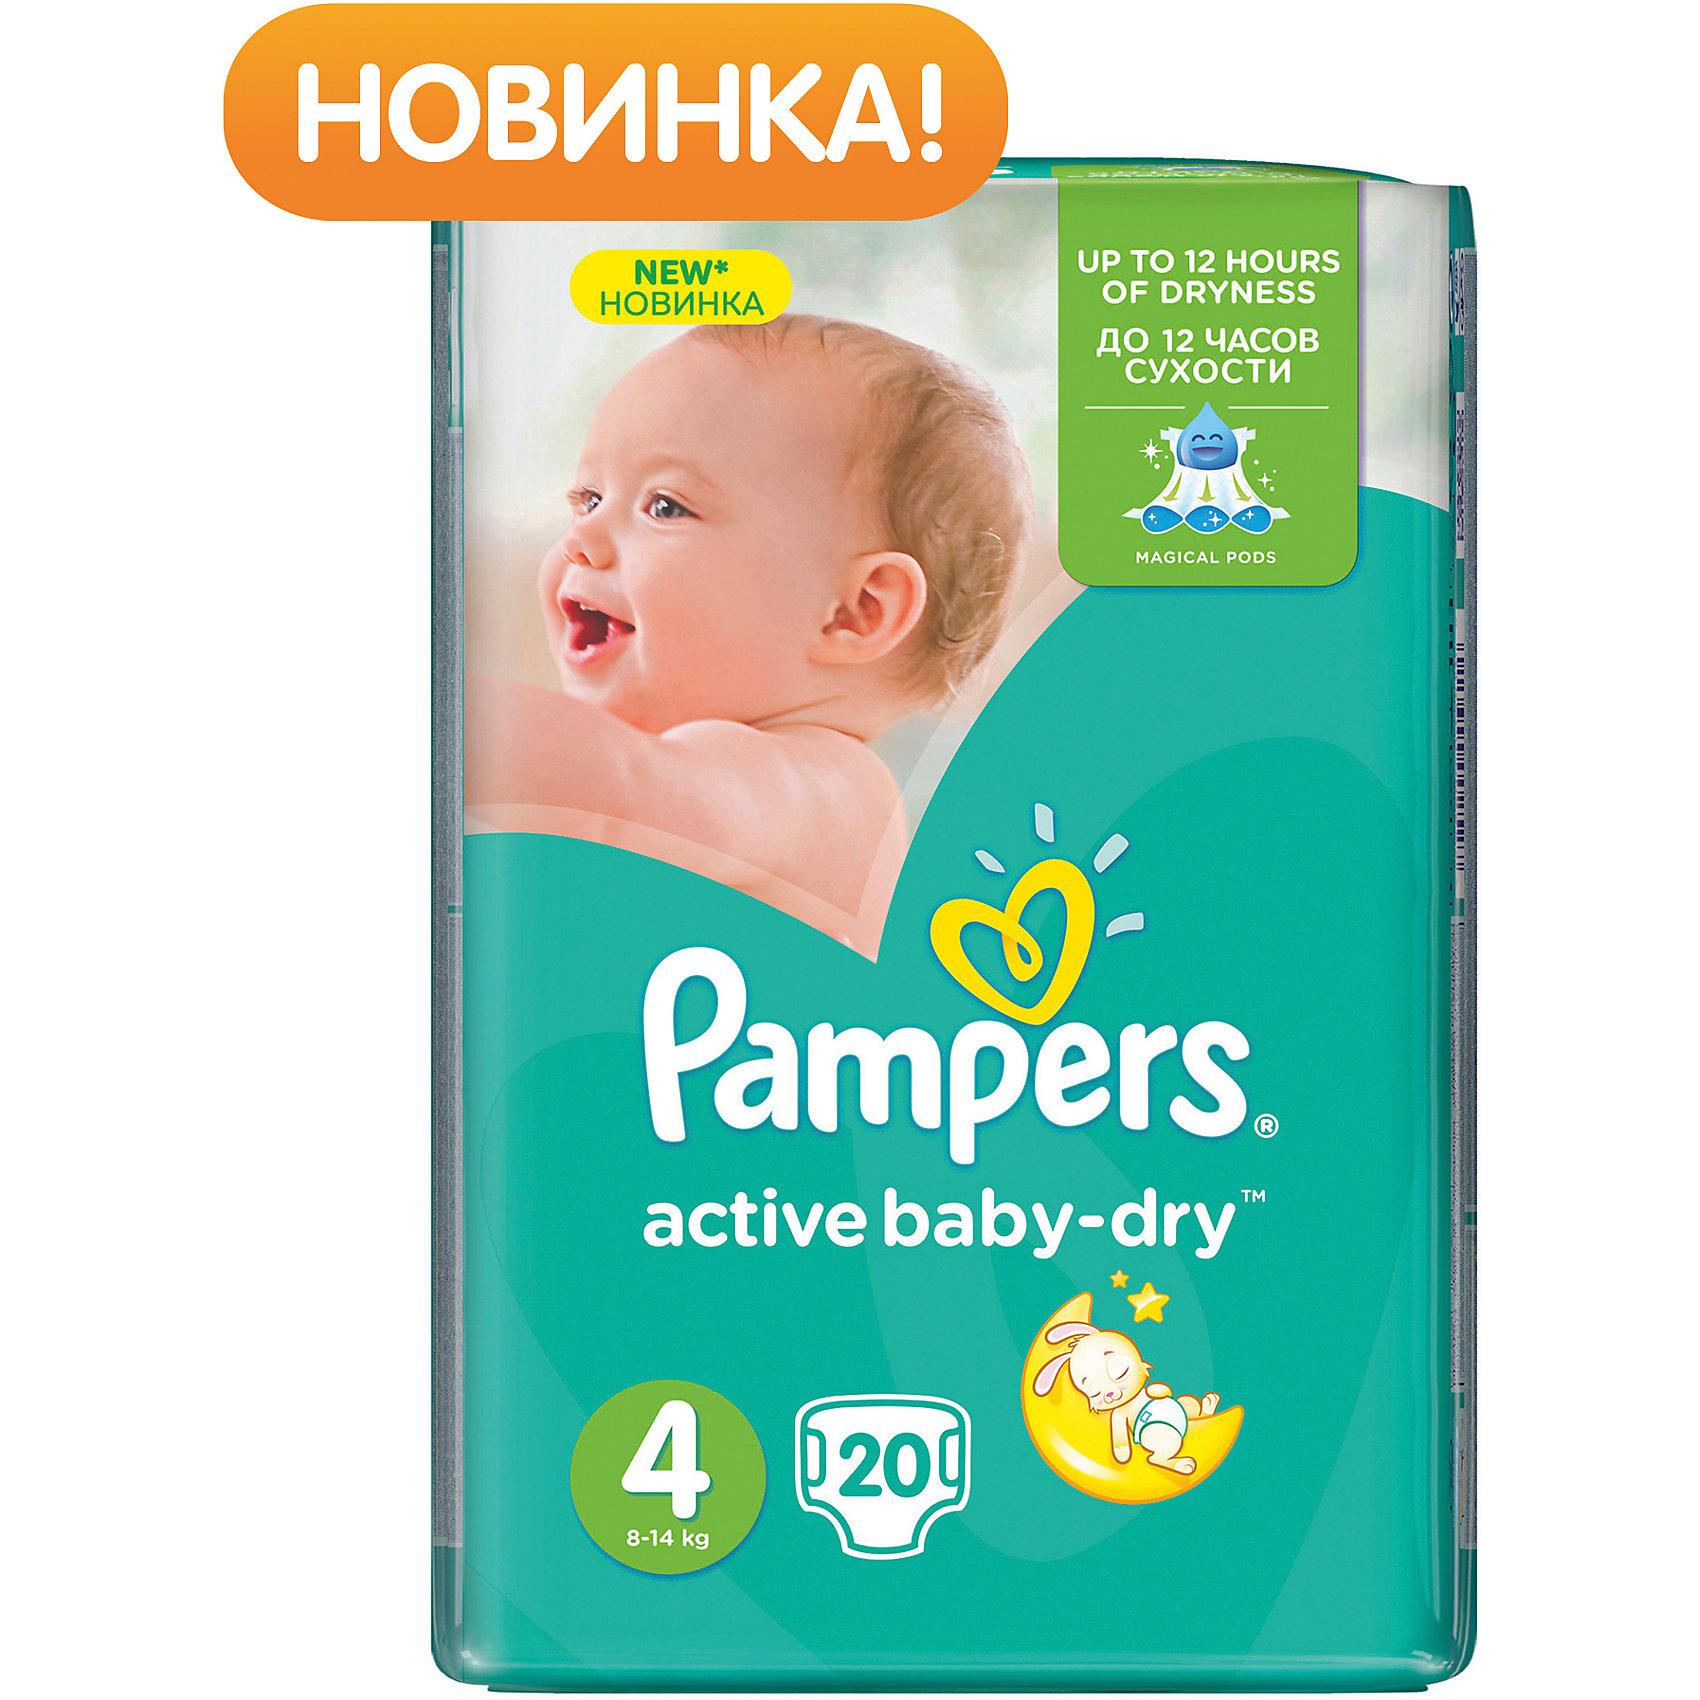 Подгузники Pampers Active Baby-Dry Maxi, 8-14 кг., 20 шт.Трусики-подгузники 5-12 кг.<br>Подгузники Pampers Active Baby-Dry Maxi (Памперс актив беби драй), 8-14 кг., 20 шт.      <br><br>Характеристики:<br><br>• 3 впитывающих канала равномерно распределяют влагу по всему подгузнику<br>• быстро впитывают влагу, не позволяя ей соприкасаться с кожей<br>• пропитка внутреннего слоя обладает антивоспалительным действием<br>• эластичные двойные бортики защищают от протеканий<br>• размер: 8-14 кг<br>• количество: 20 шт.<br>• размер упаковки: 21,8х11,6х15,8 см<br>• вес: 551 грамм<br><br>Ваш малыш активно познает мир. А чтобы ничто не могло помешать юному исследователю, нужно обеспечить ему комфорт. В подгузниках Pampers Active Baby-Dry Maxi кроха с радостью будет играть, ведь они подарят ему сухость в течение 12 часов. 3 впитывающих канала подгузников равномерно распределяют влагу, а мягкий слой быстро впитывает, не позволяя влаге соприкасаться с кожей. Эластичные двойные бортики очень удобны при использовании, кроме того, они дополнительно защищают подгузники от протеканий. Внутренний слой пропитан специальным бальзамом, оказывающим противовоспалительное действие.<br><br>Подгузники Pampers Active Baby-Dry Maxi (Памперс актив беби драй), 8-14 кг., 20 шт. вы можете купить в нашем интернет-магазине.<br><br>Ширина мм: 158<br>Глубина мм: 116<br>Высота мм: 218<br>Вес г: 551<br>Возраст от месяцев: 6<br>Возраст до месяцев: 36<br>Пол: Унисекс<br>Возраст: Детский<br>SKU: 5422930